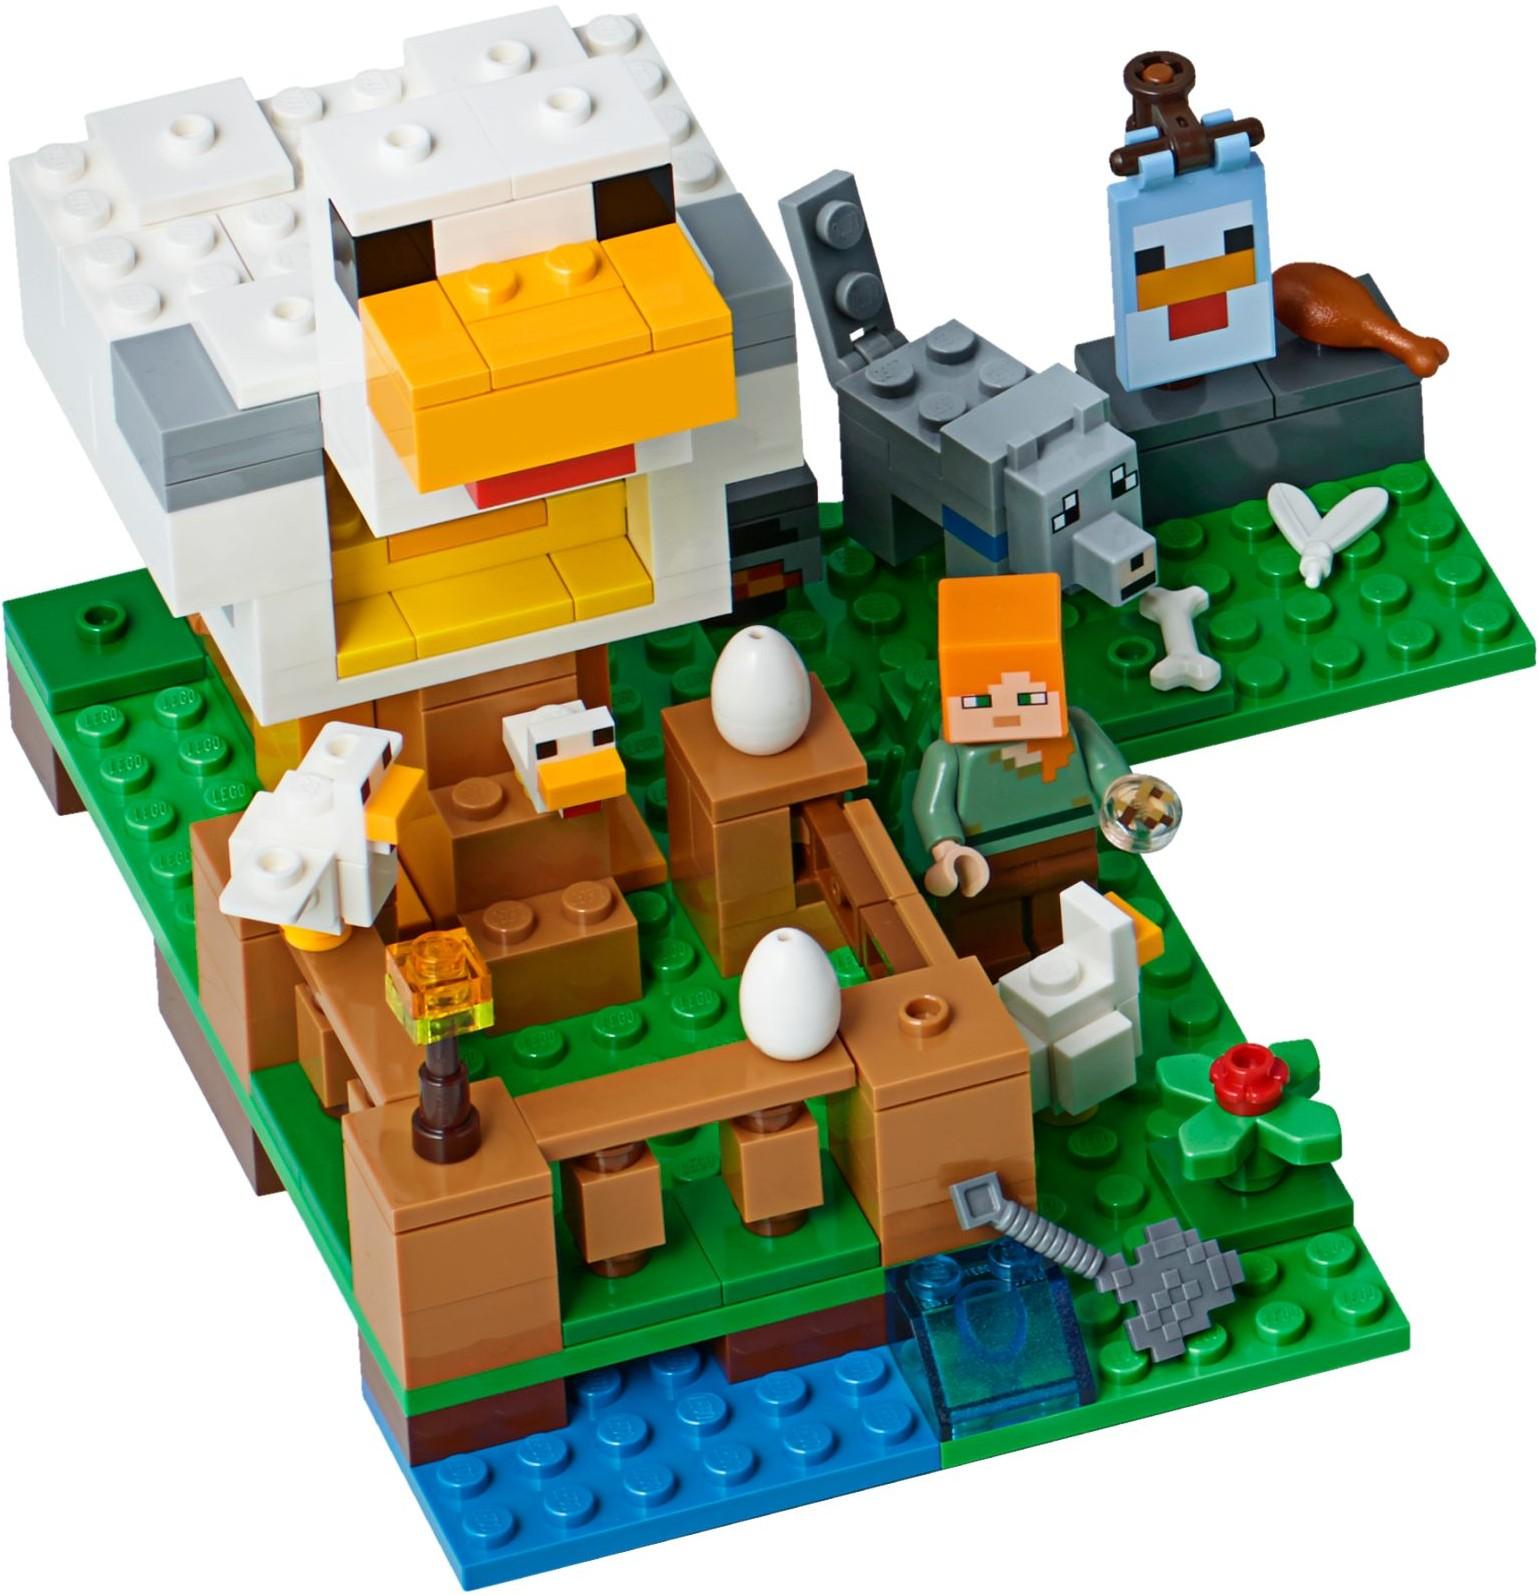 nouveaut s lego minecraft 2018 voici les premiers visuels other bricks. Black Bedroom Furniture Sets. Home Design Ideas